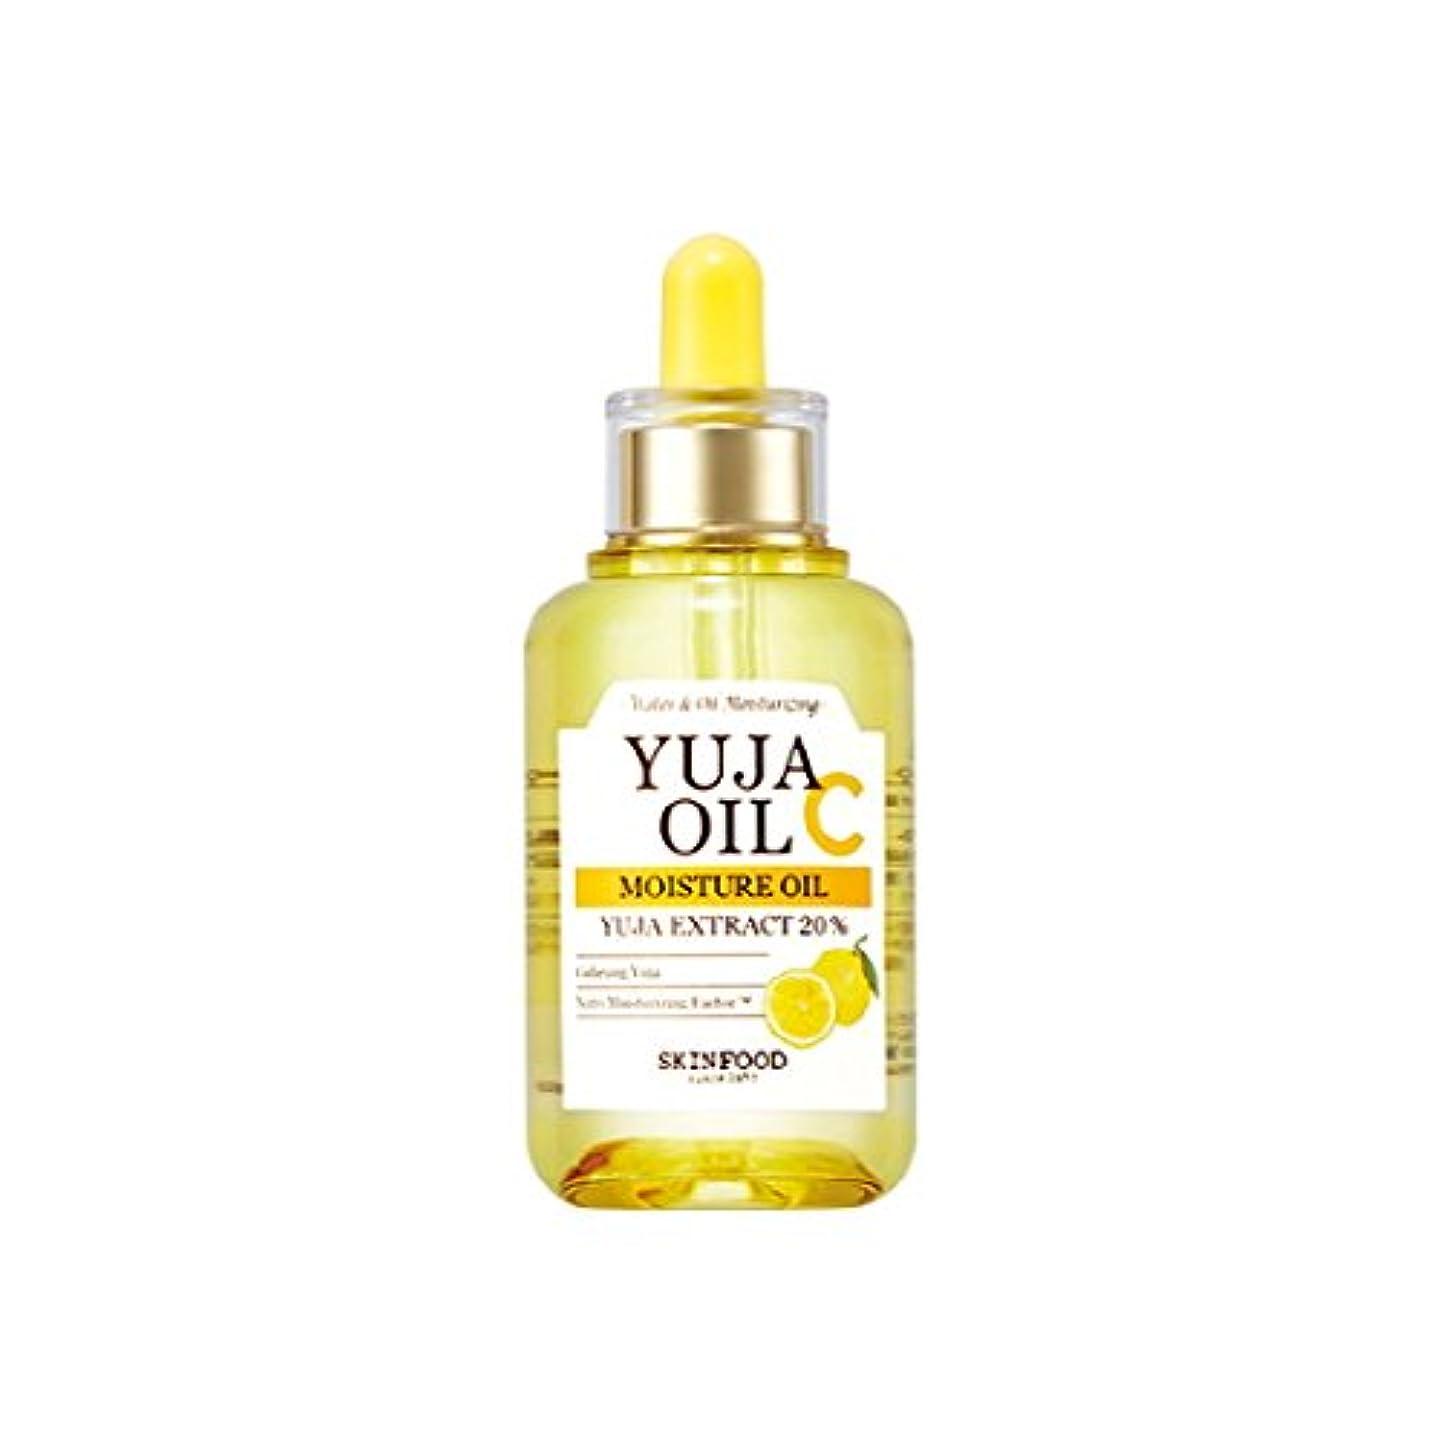 非公式警戒受け継ぐ[New] SKINFOOD Yuja Oil C Moisture Oil 53ml/スキンフード 柚子 オイル C モイスチャー オイル 53ml [並行輸入品]